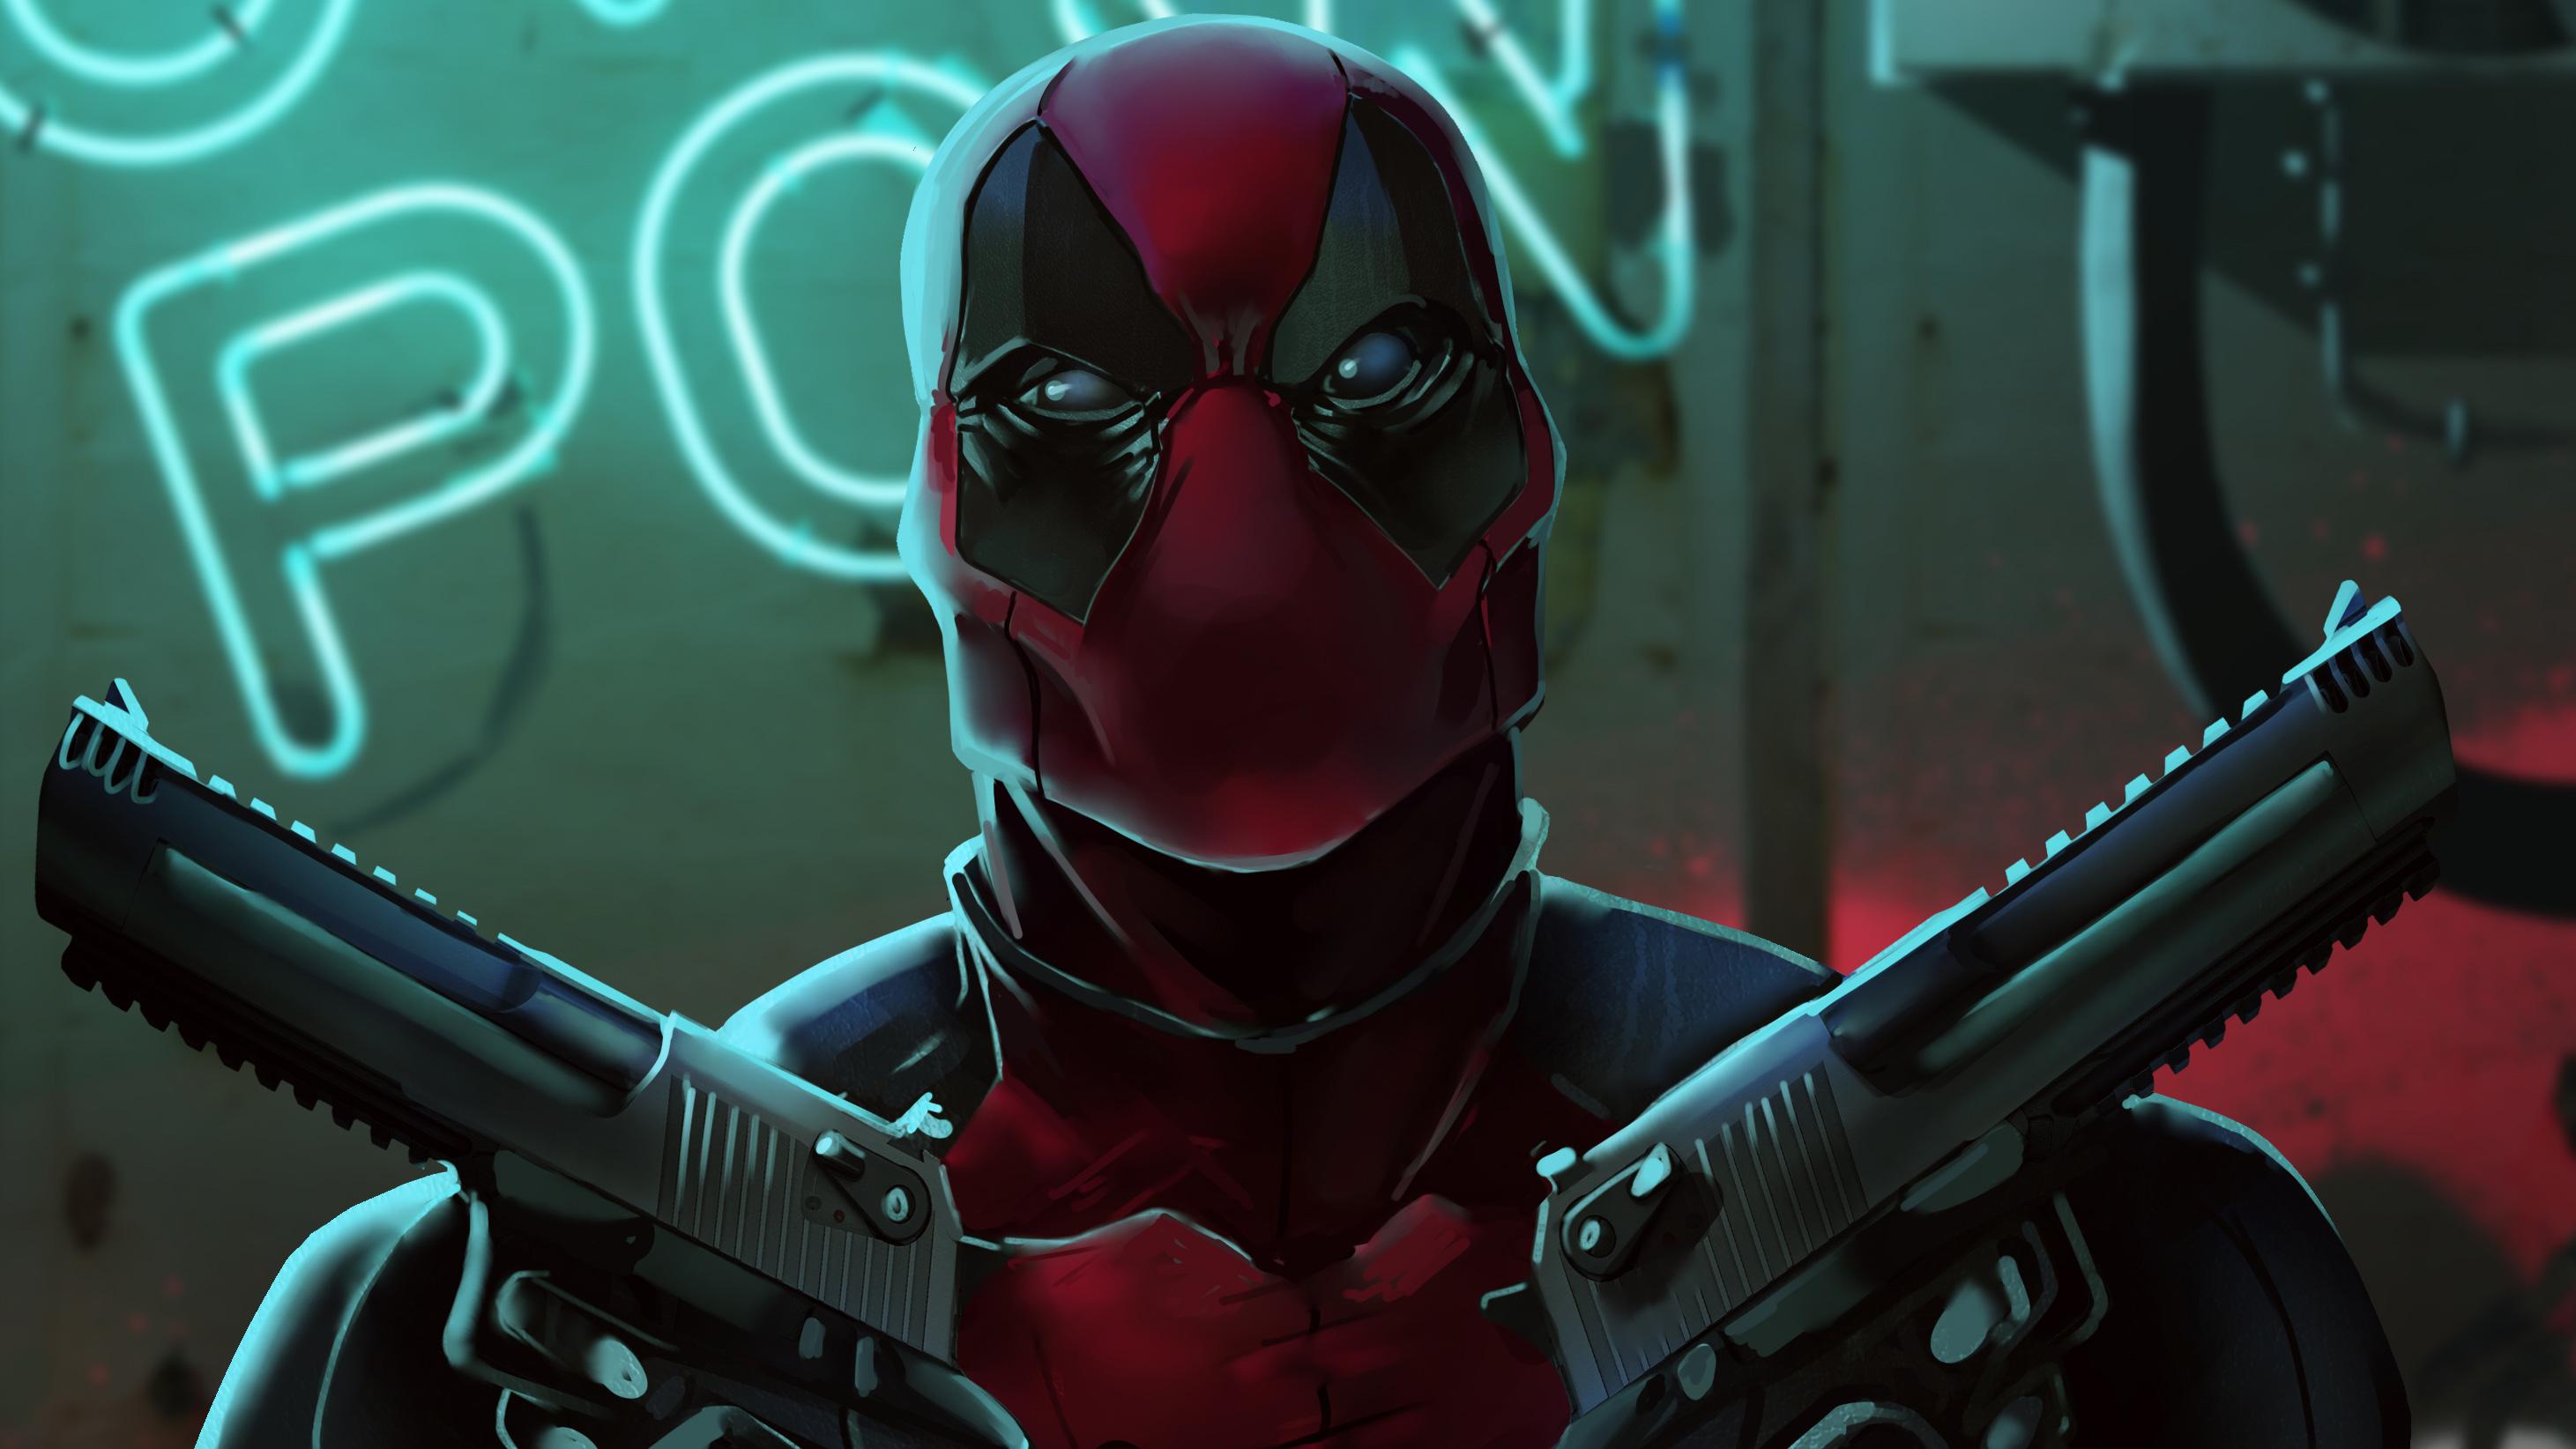 2048x2048 Deadpool 2 Movie Poster 4k Ipad Air Hd 4k: 2048x2048 Deadpool 2 Digital Art Ipad Air HD 4k Wallpapers